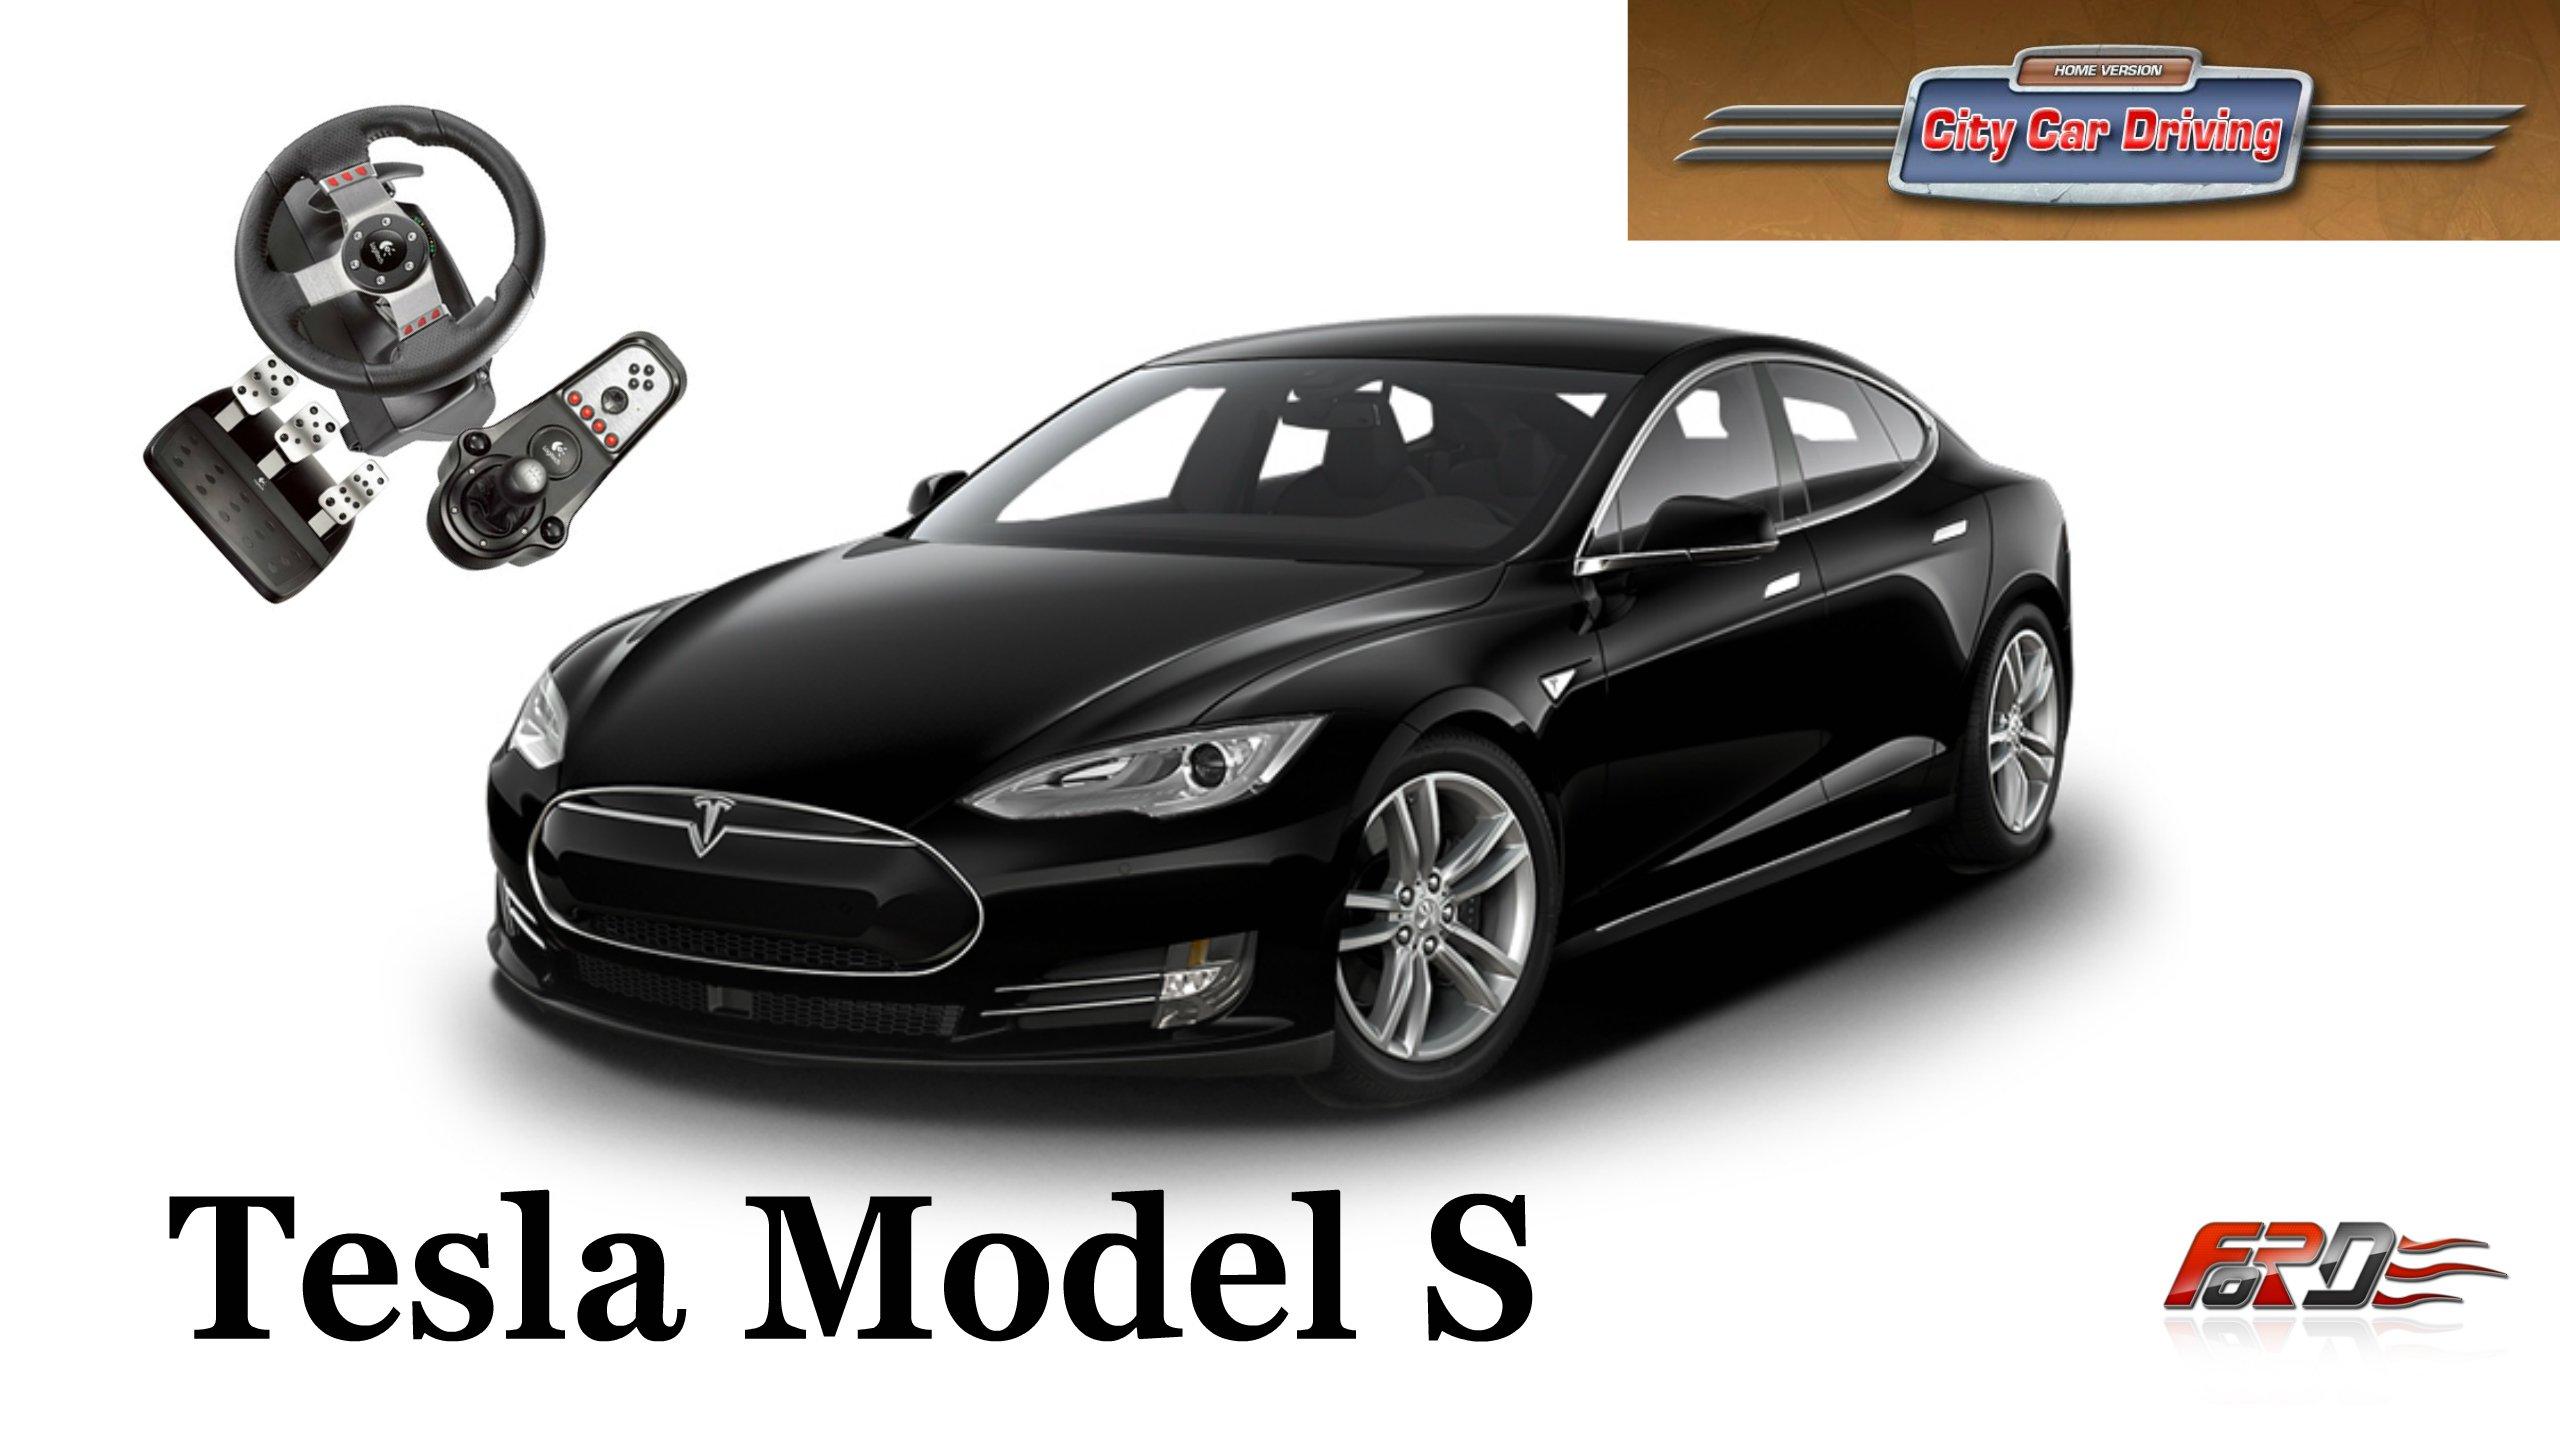 Tesla Model S - тест-драйв, обзор электромобиль будущего в City Car Driving  - Изображение 1